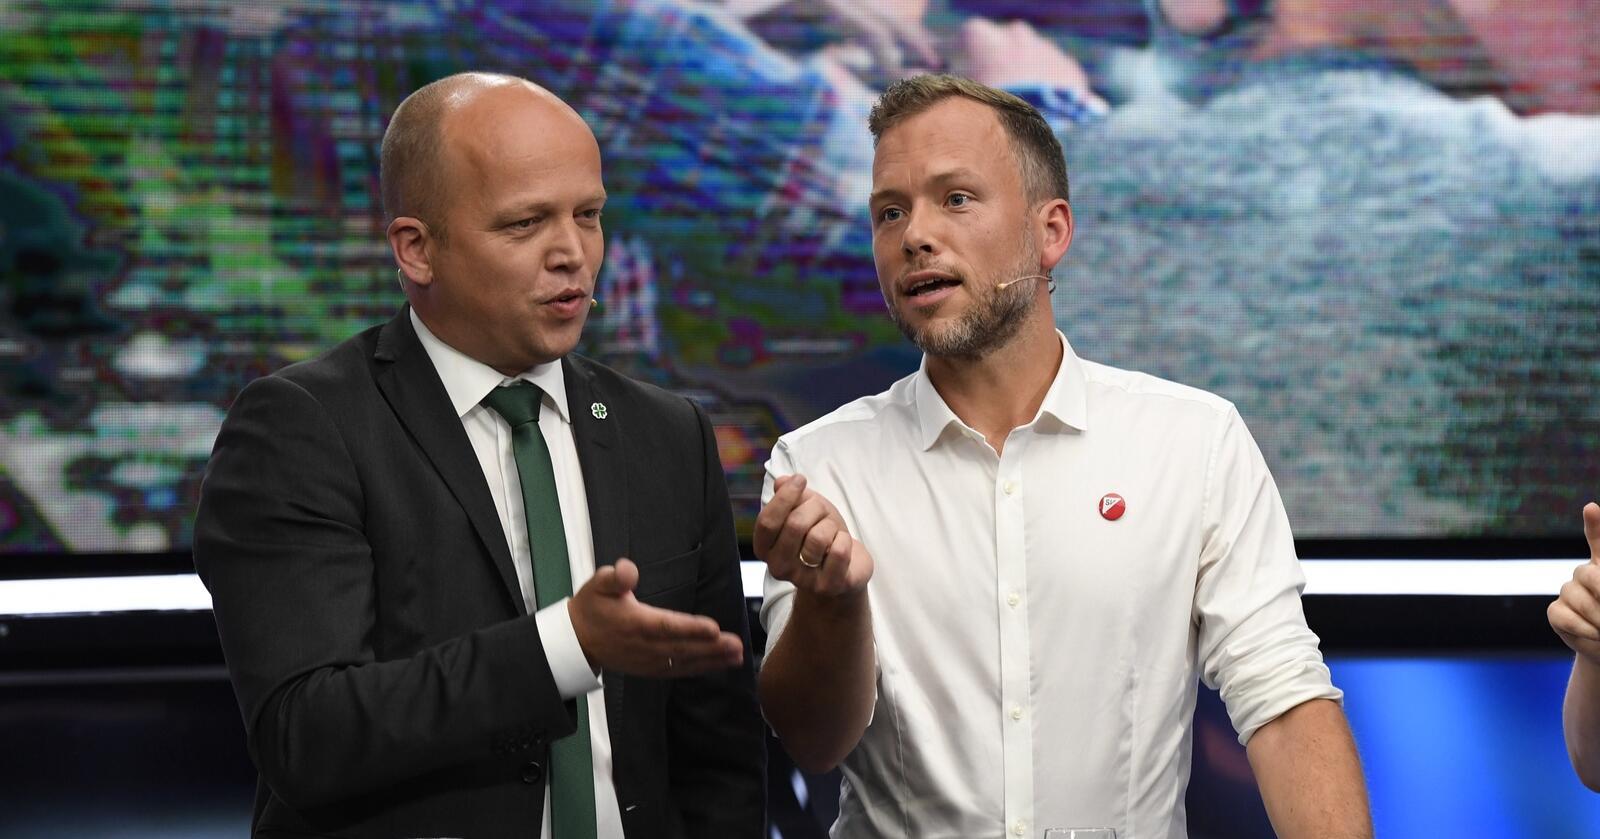 De fleste ordførerne til Trygve Slagsvold Vedum (t.v.) ønsker ikke at Audun Lysbakken (t.h.) og SV blir med Senterpartiet i en eventuell ny regjering. Foto: Marit Hommedal / NTB